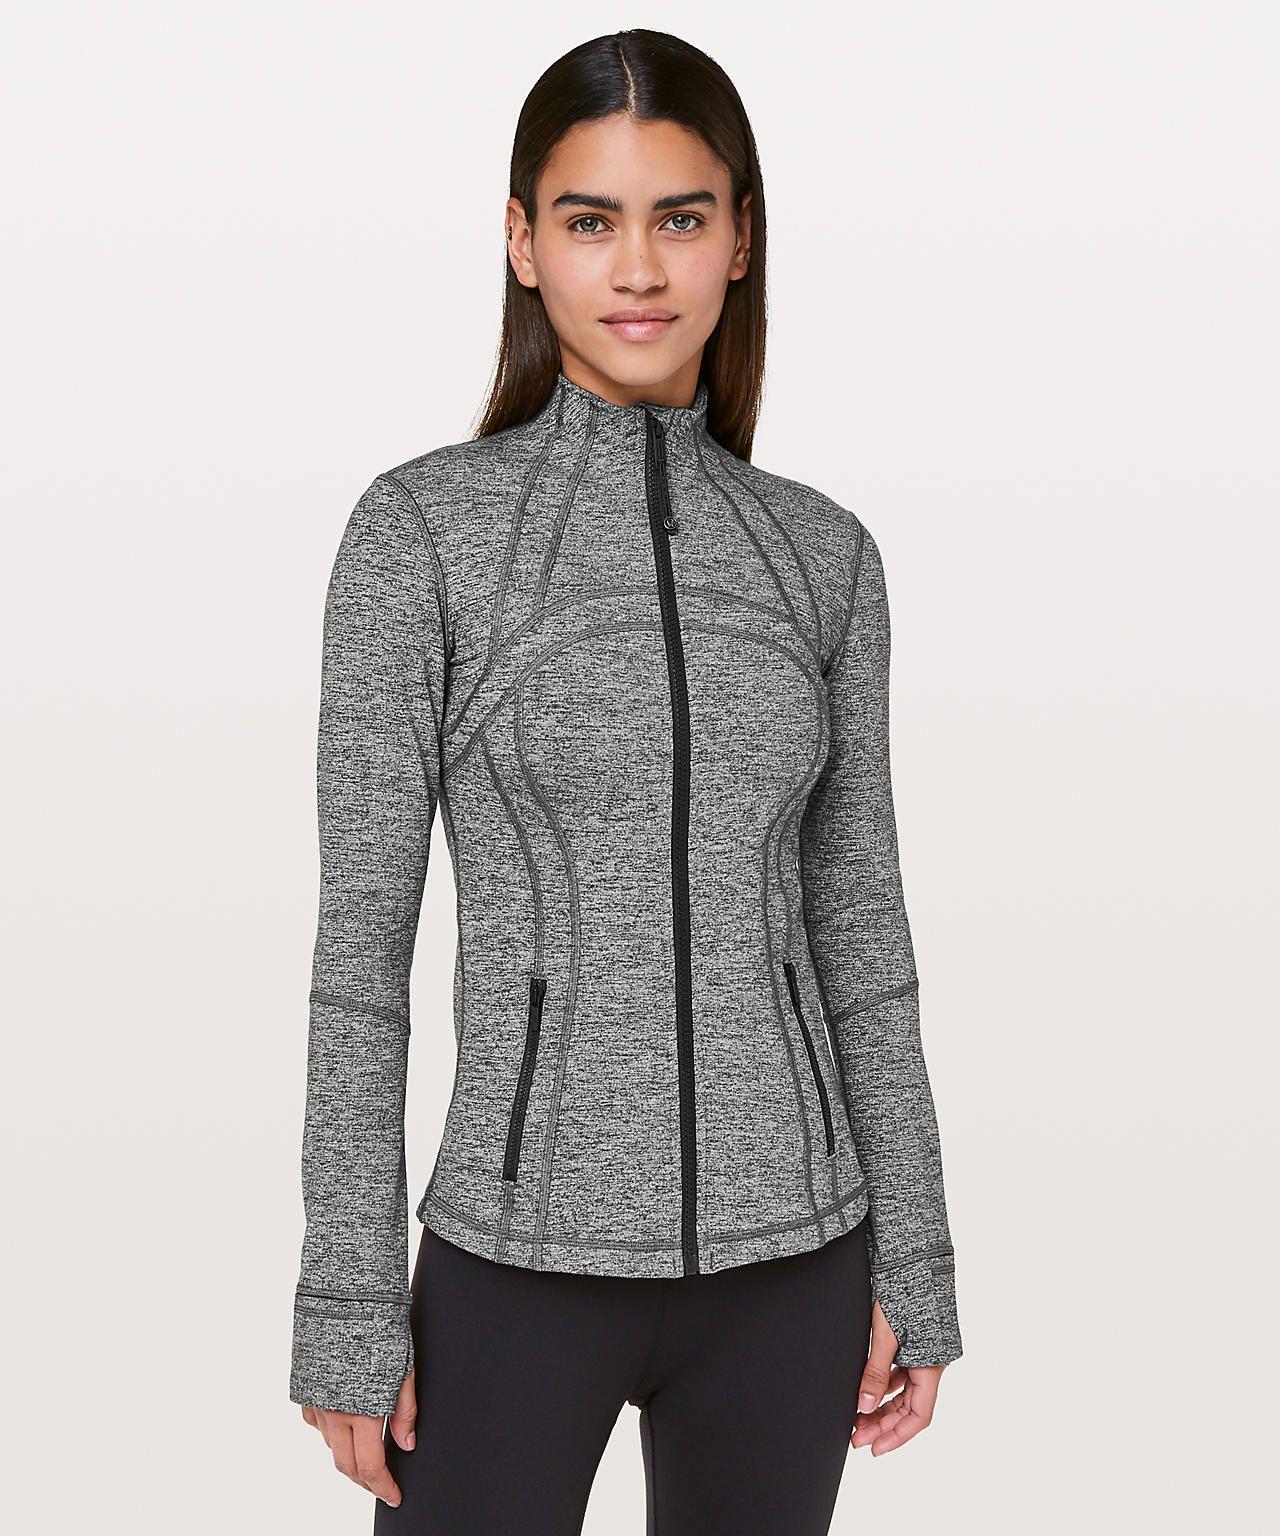 Define Jacket Women's Jackets Jackets for women